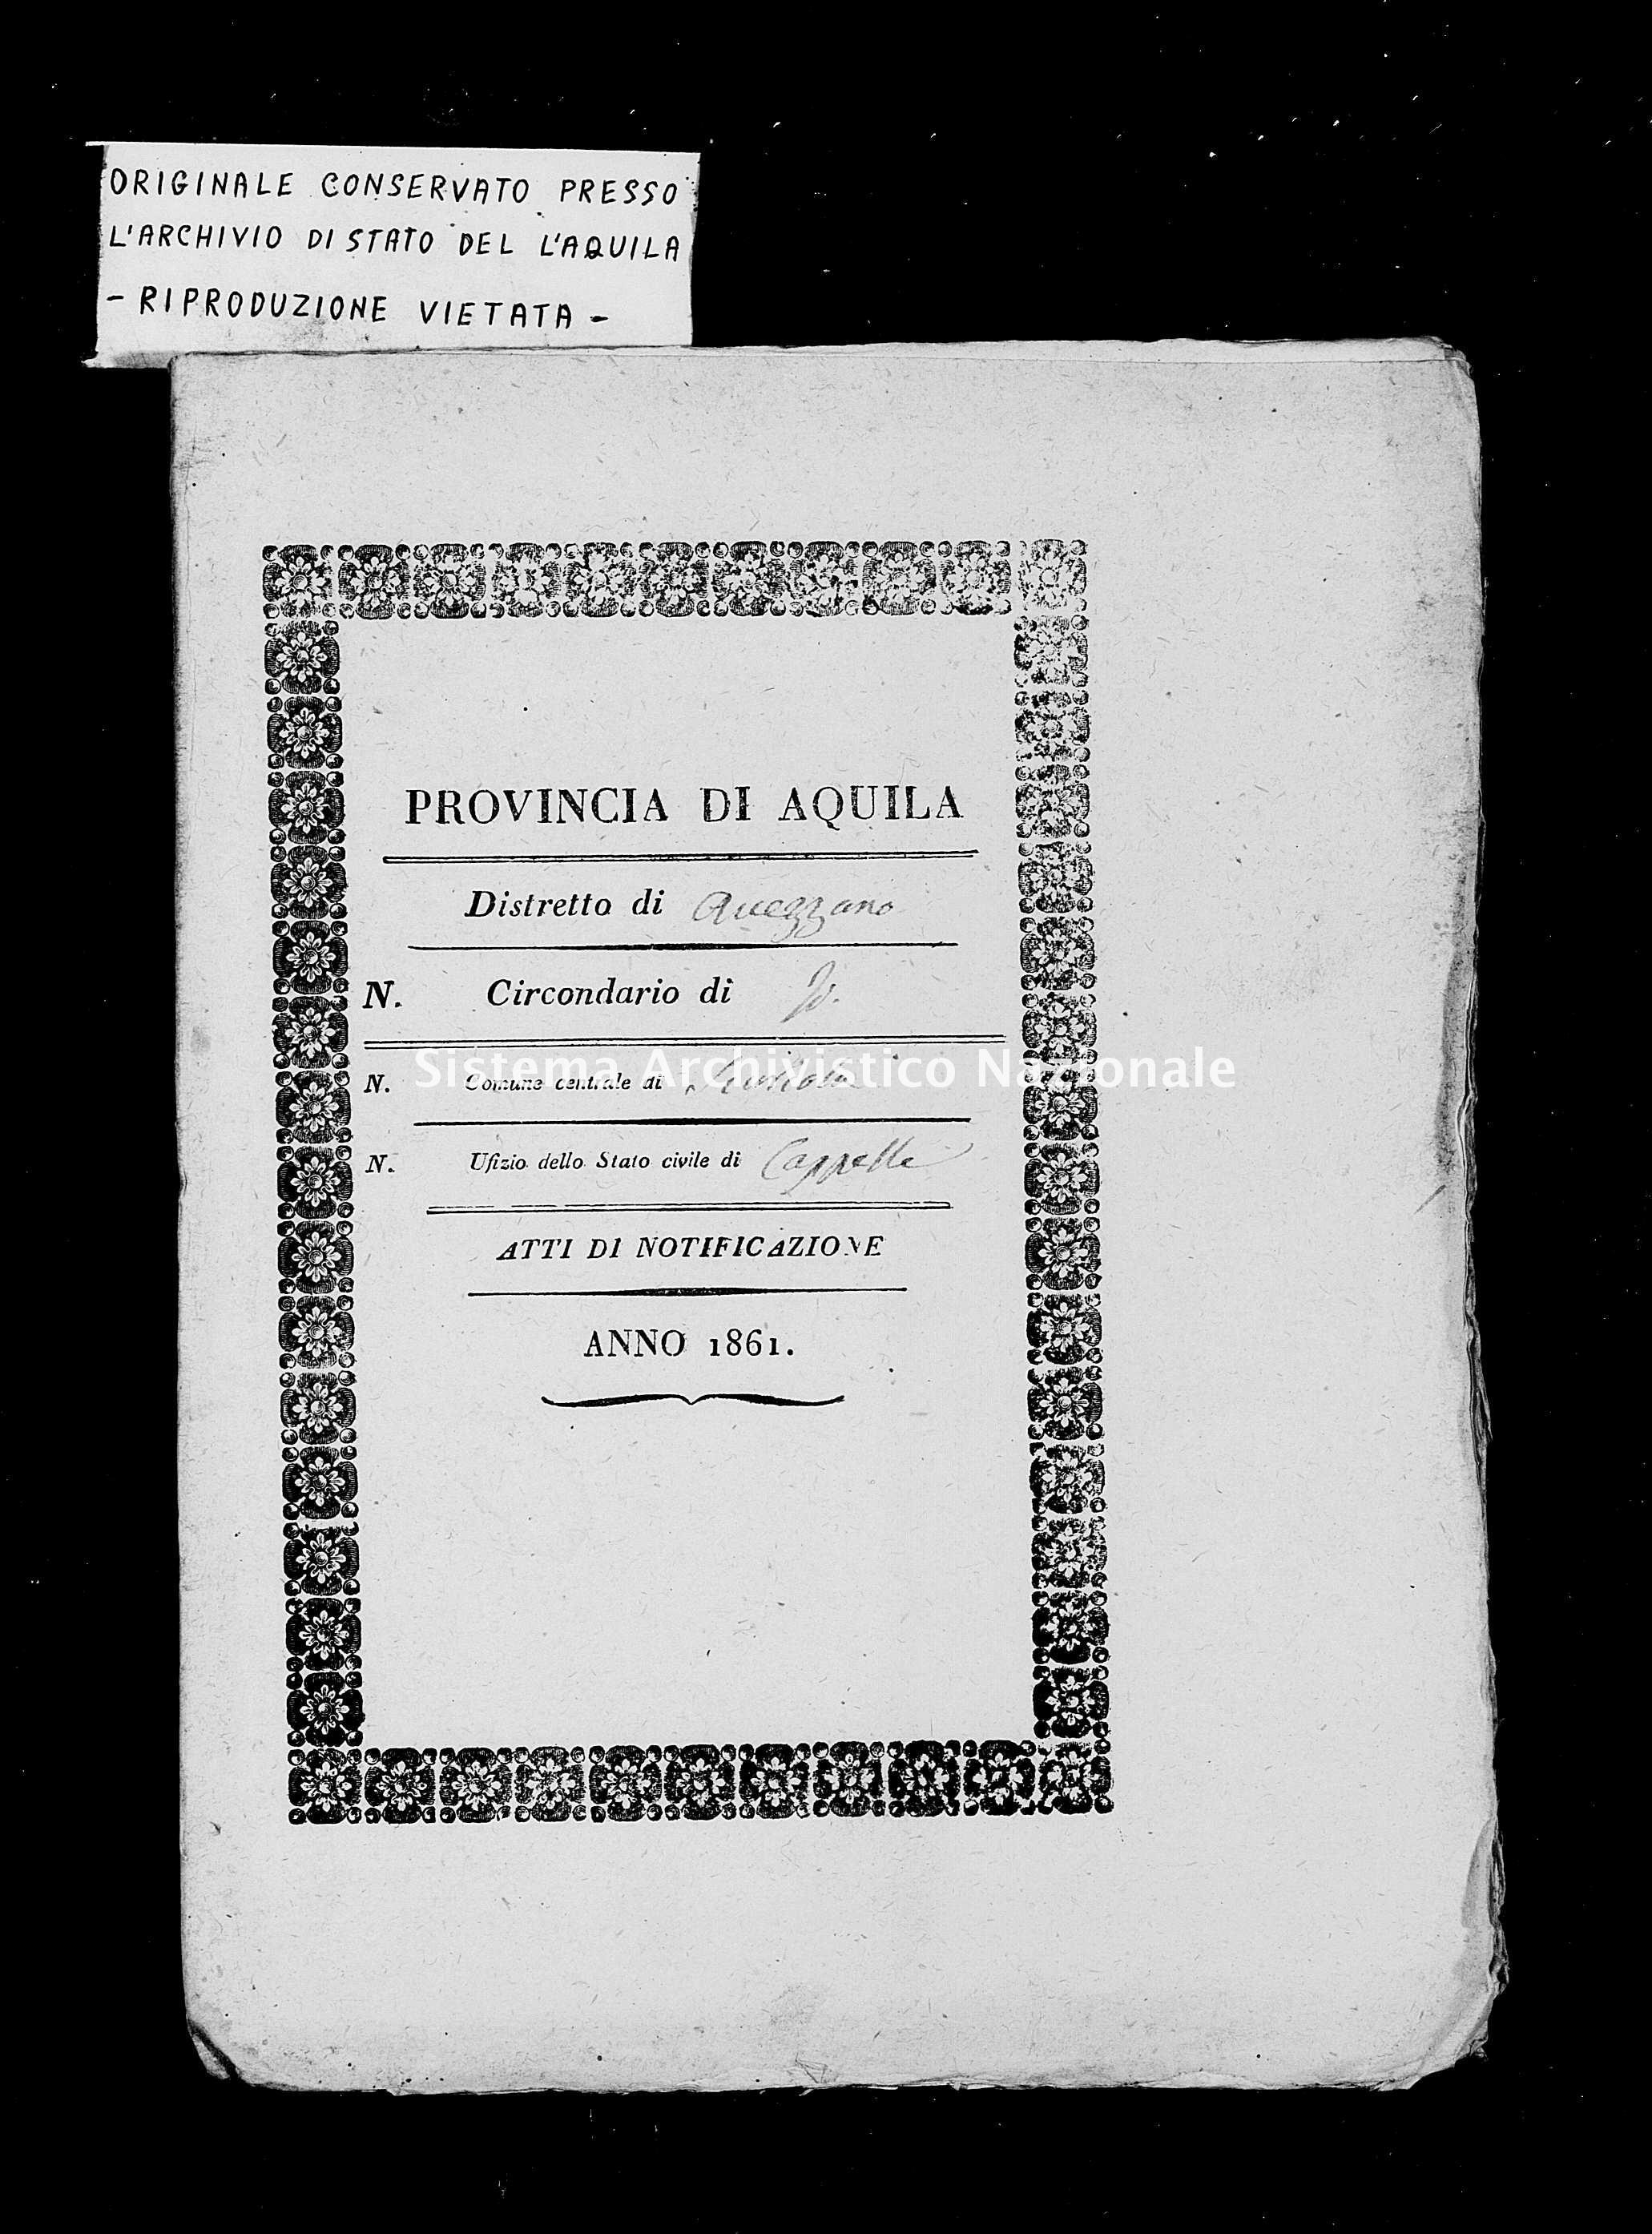 Archivio di stato di L'aquila - Stato civile italiano - Cappelle de' Marsi - Matrimoni, memorandum notificazioni ed opposizioni - 1861 -